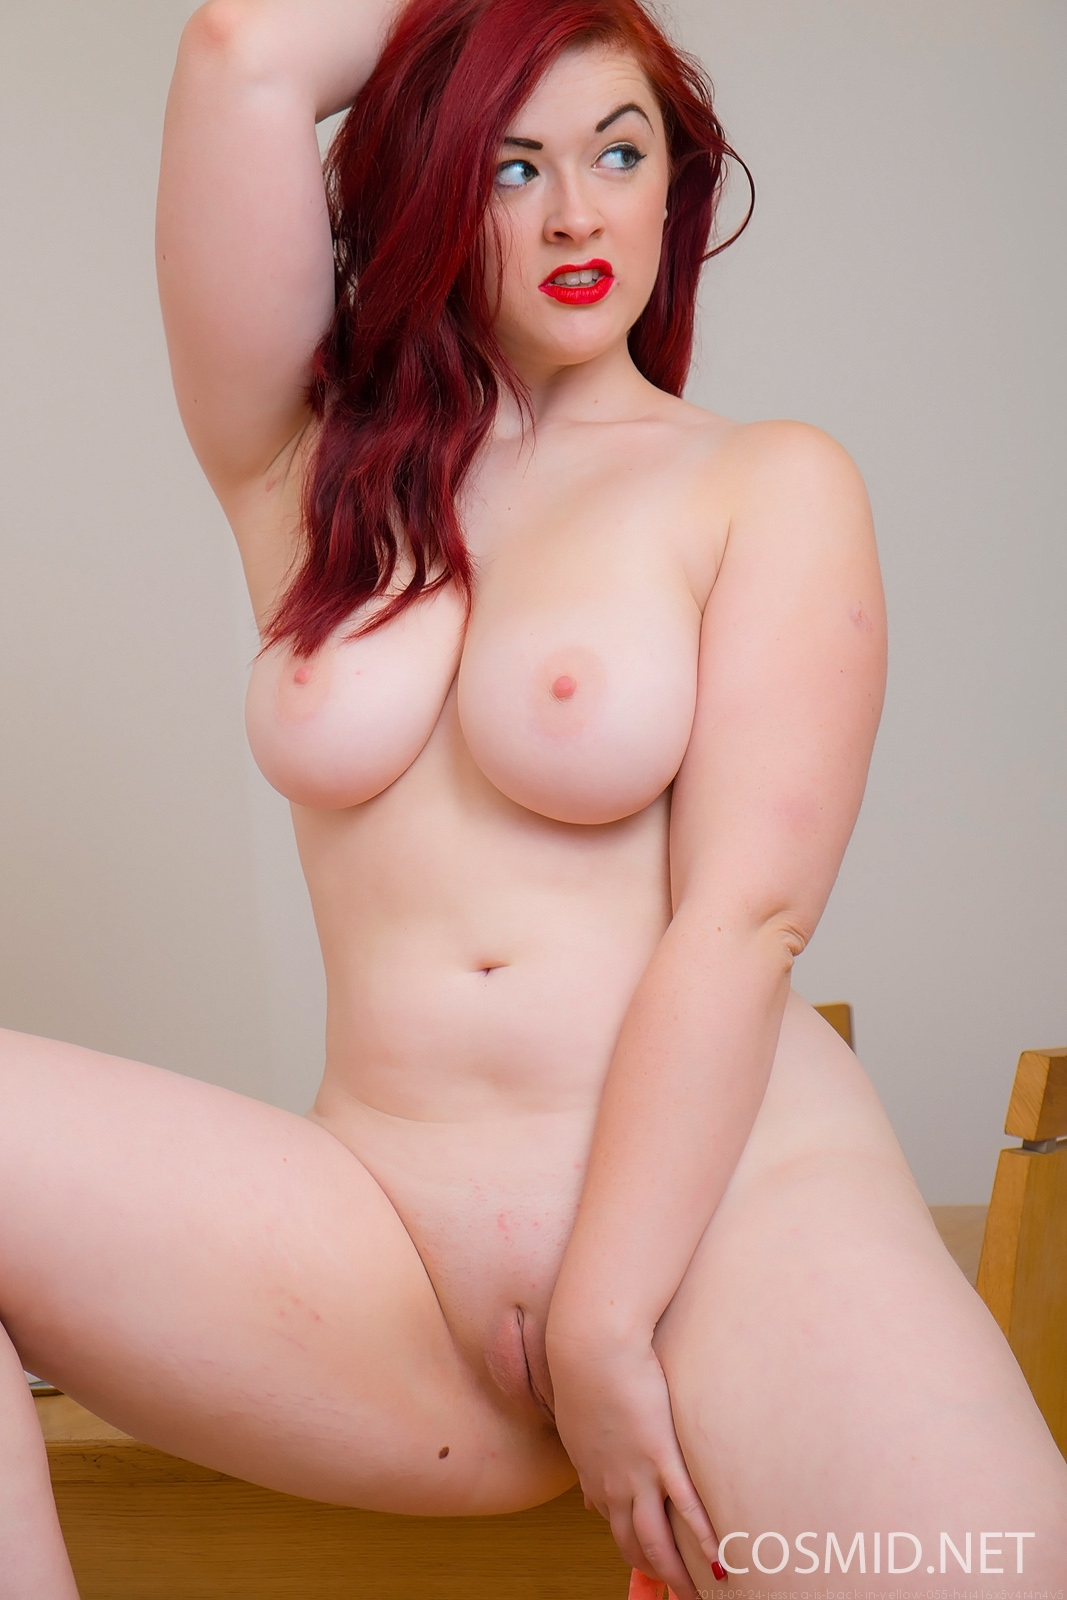 Jessica Rose Cosmid